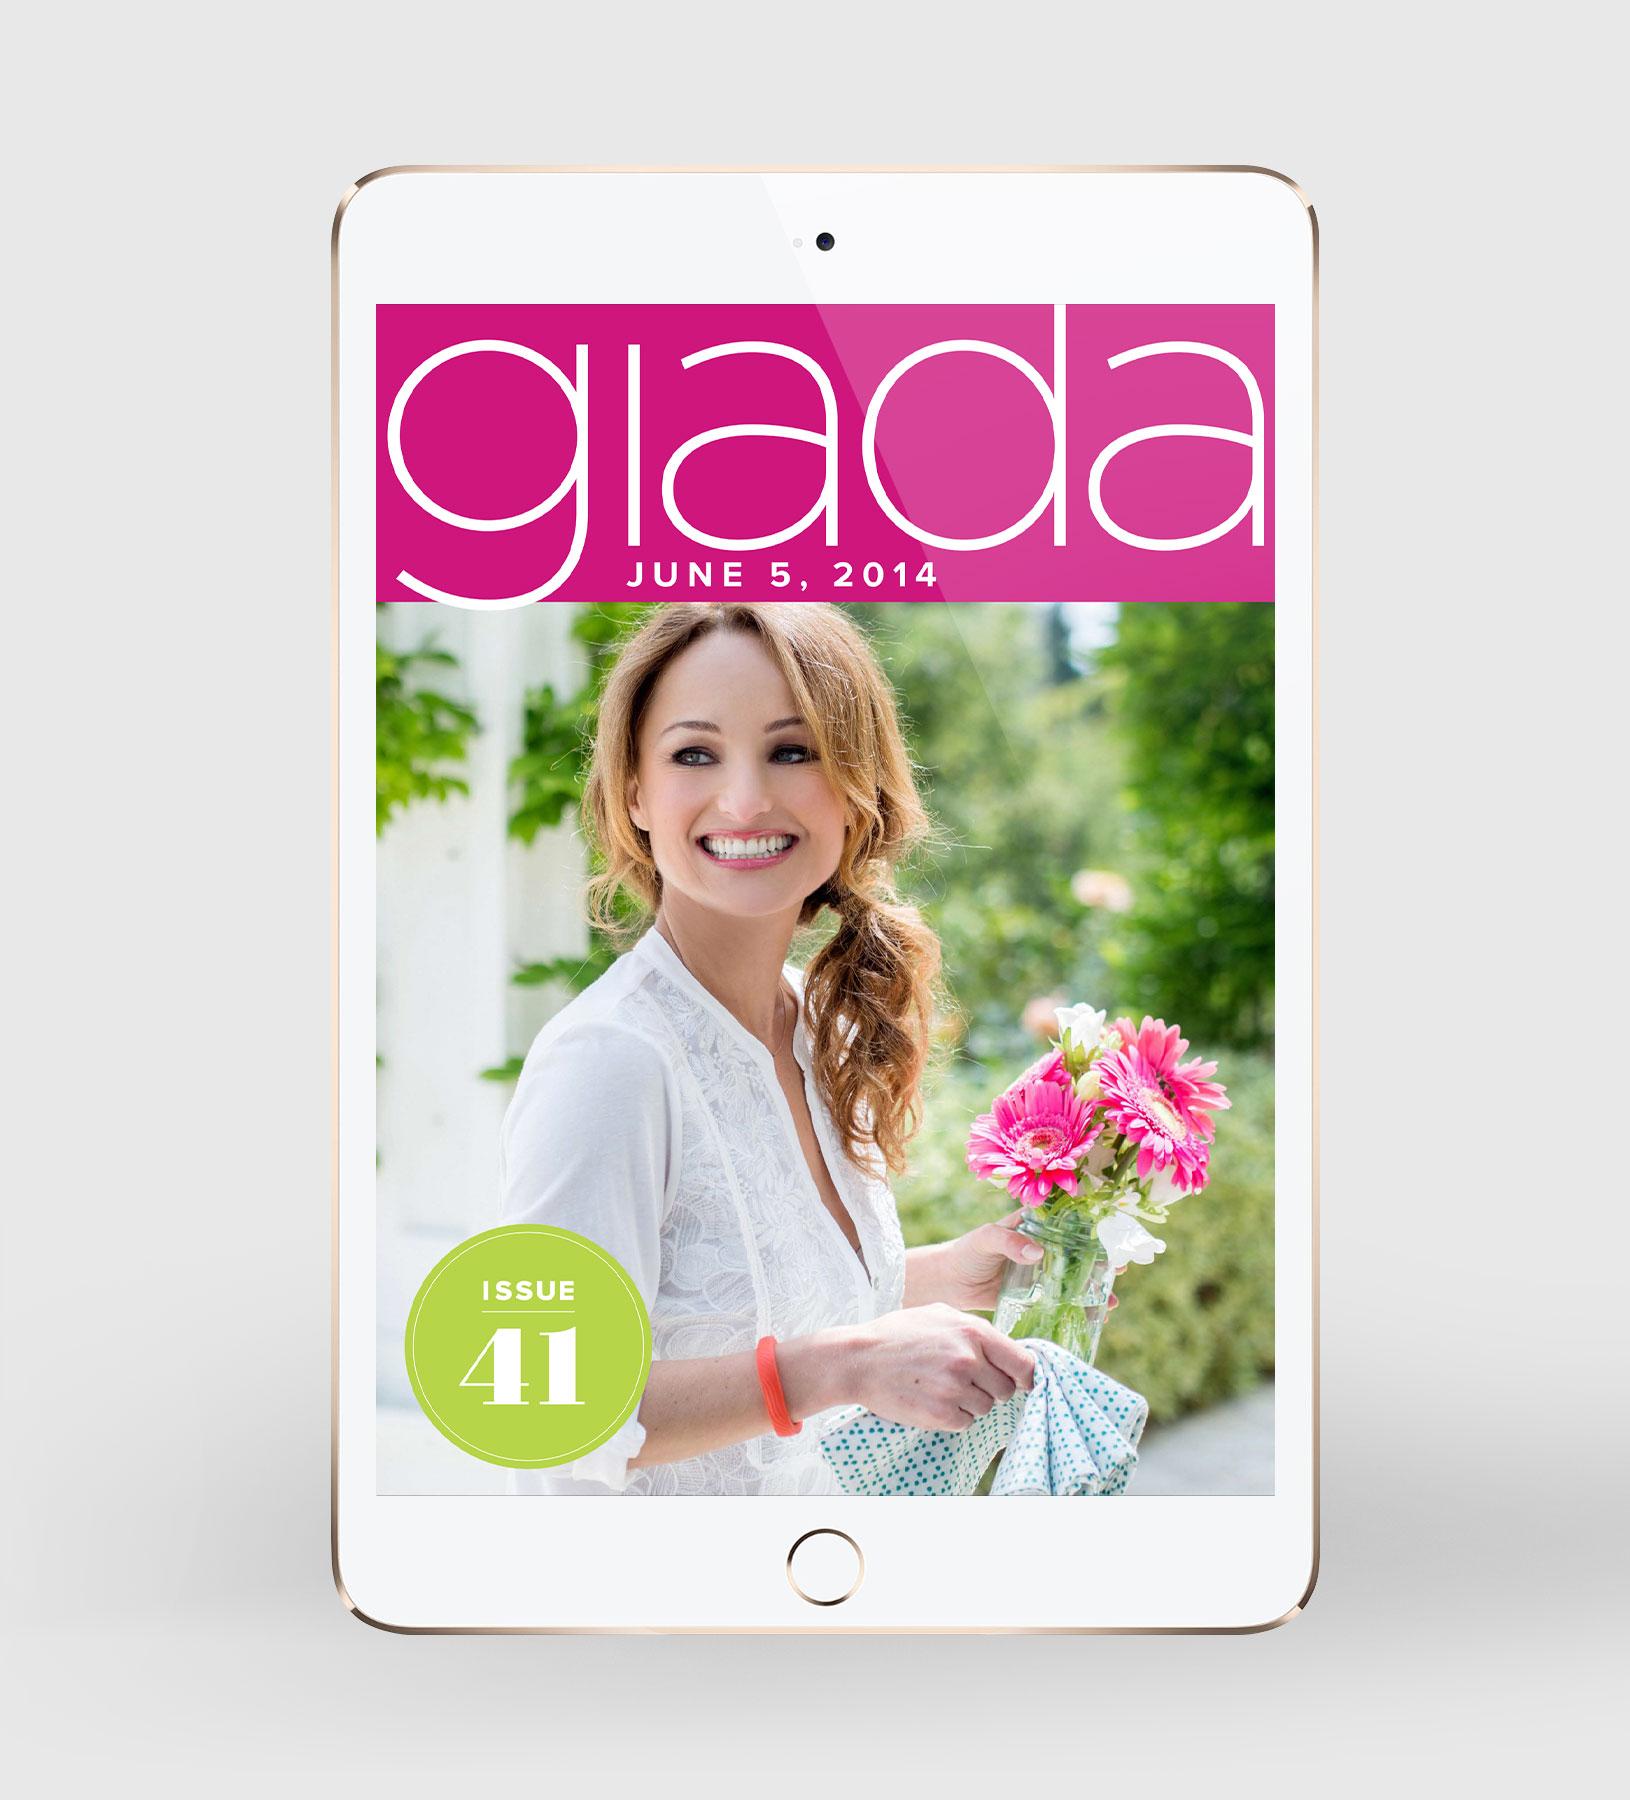 Giada-Cover.jpg